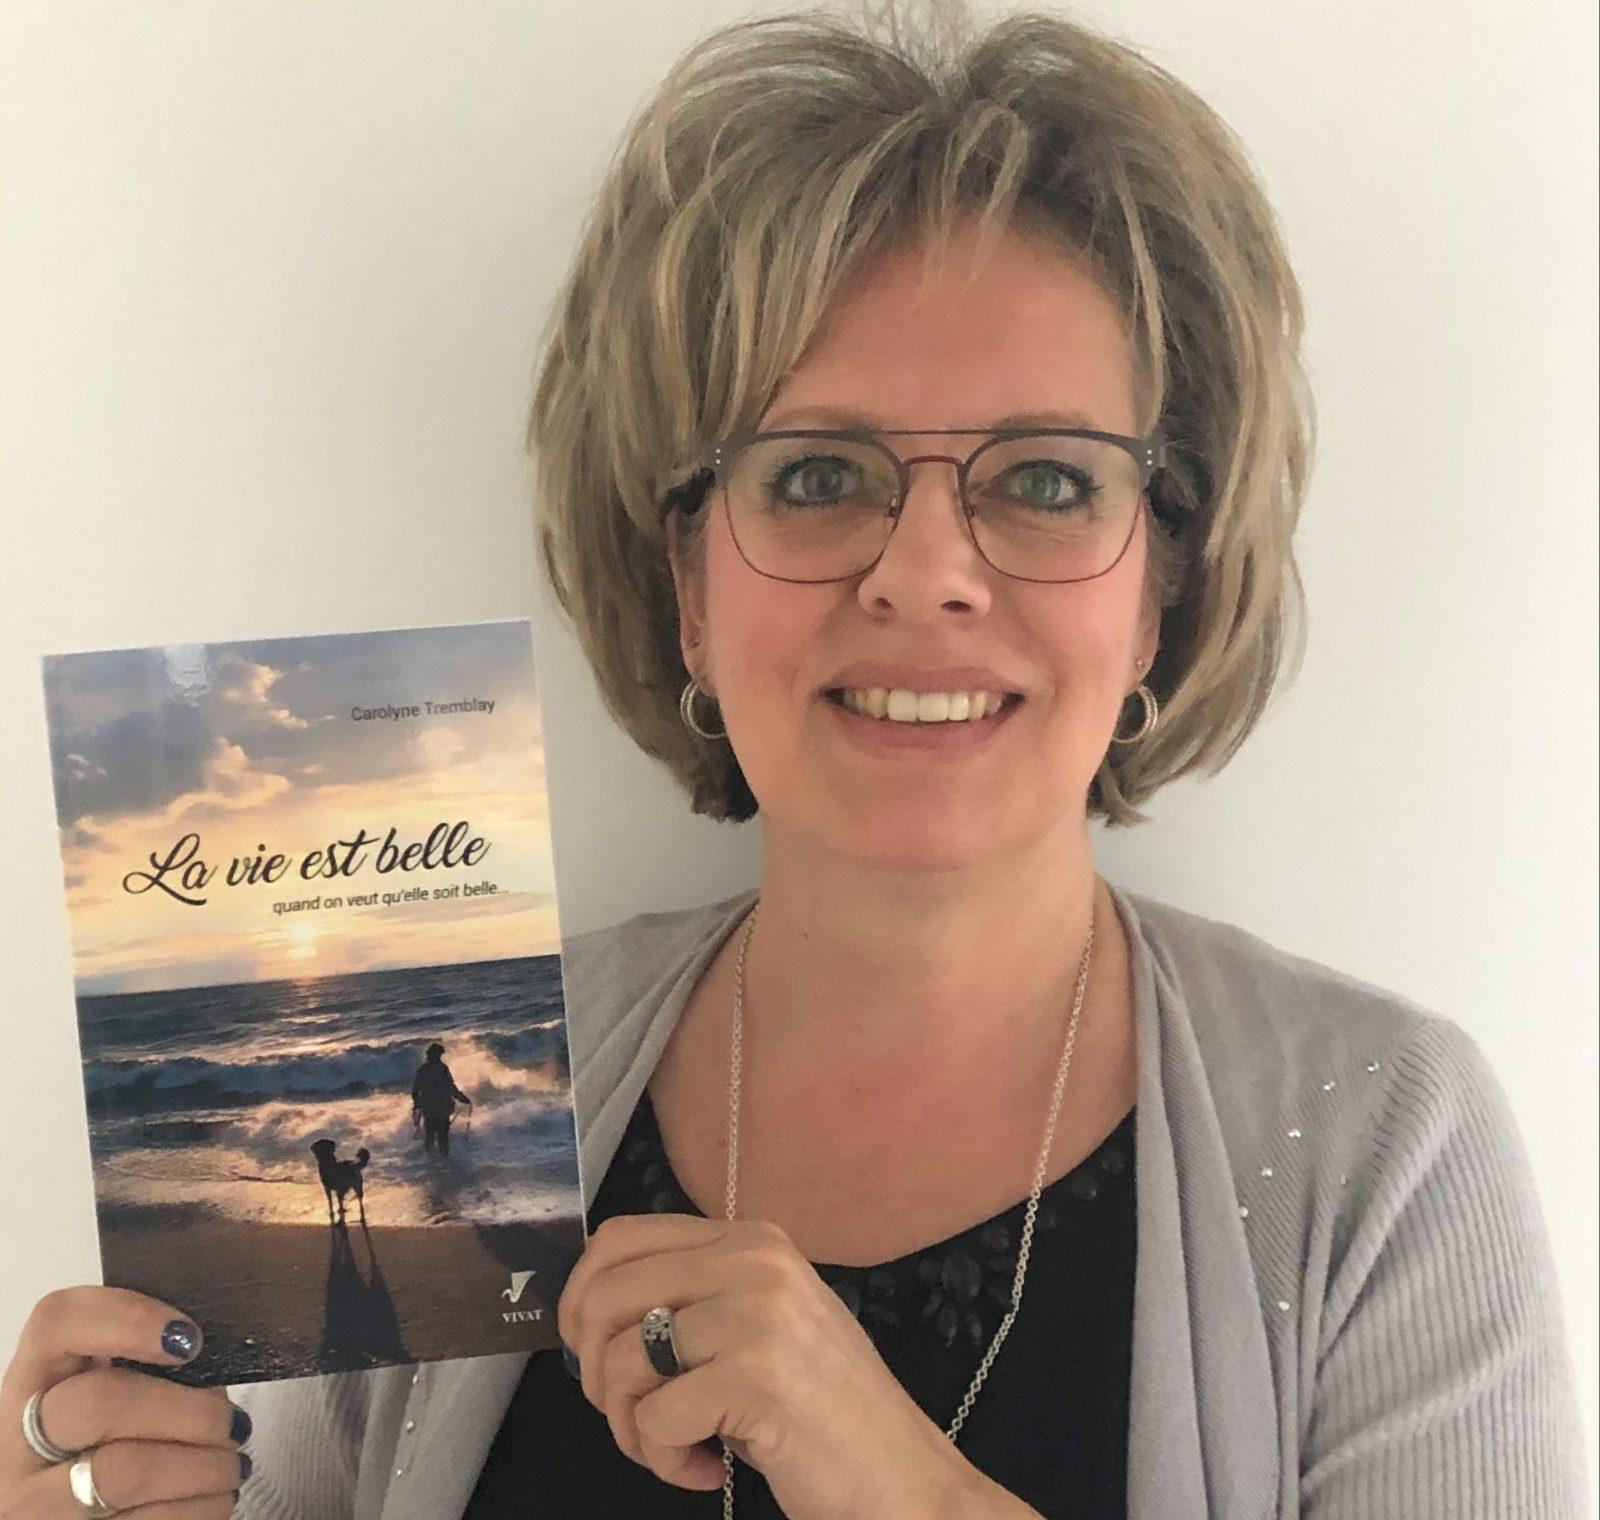 La vie est belle quand on veut qu'elle soit belle: Un livre de Carolyne Tremblay qui fait du bien